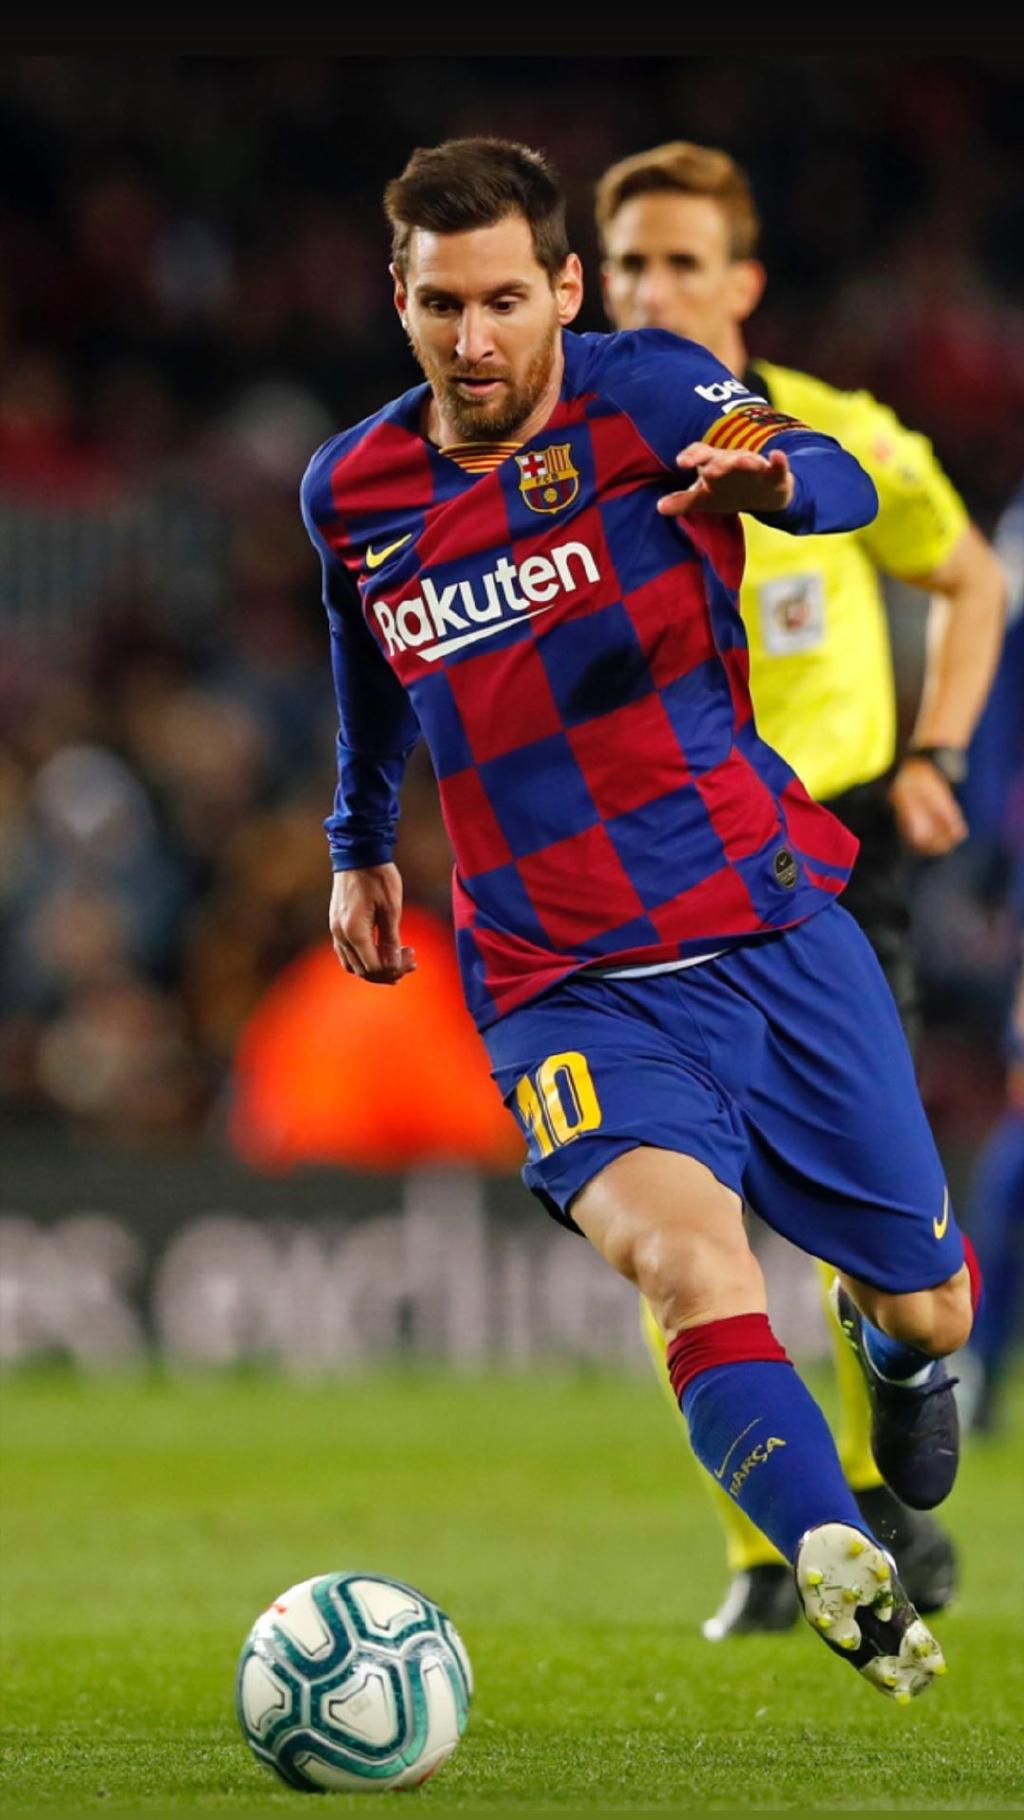 原创             超越贝利倒计时!梅西只差23球追上球王,本赛季有望创造新纪录!